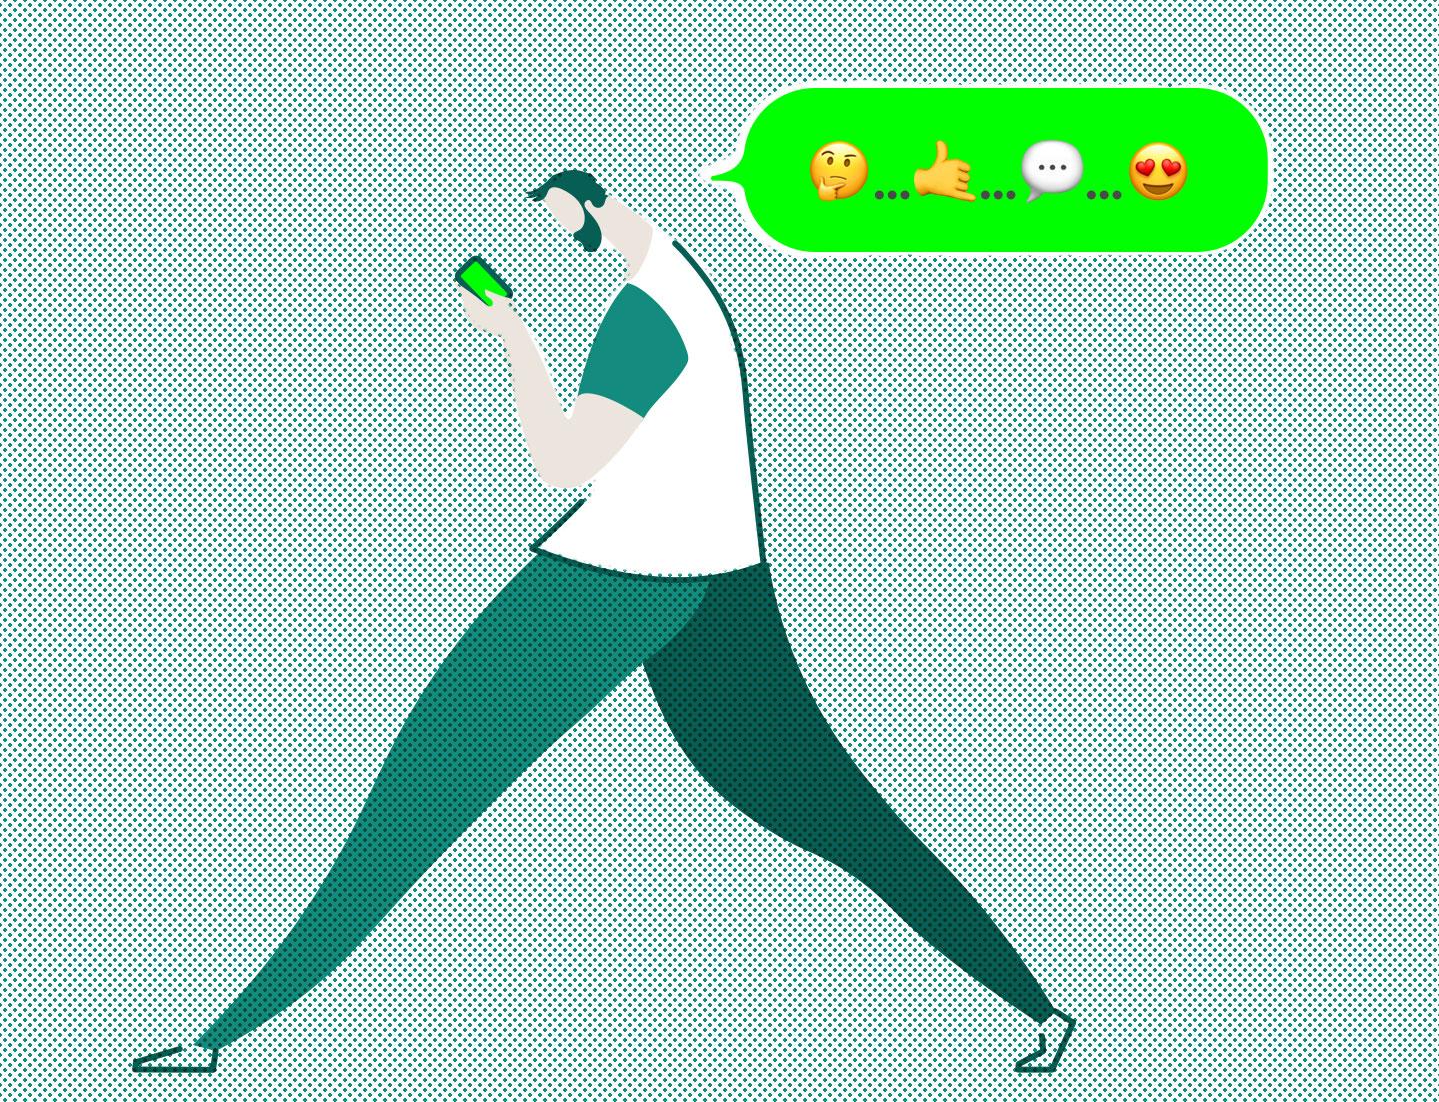 Conectar y dar soporte a tus clientes con WhatsApp ahora es más fácil